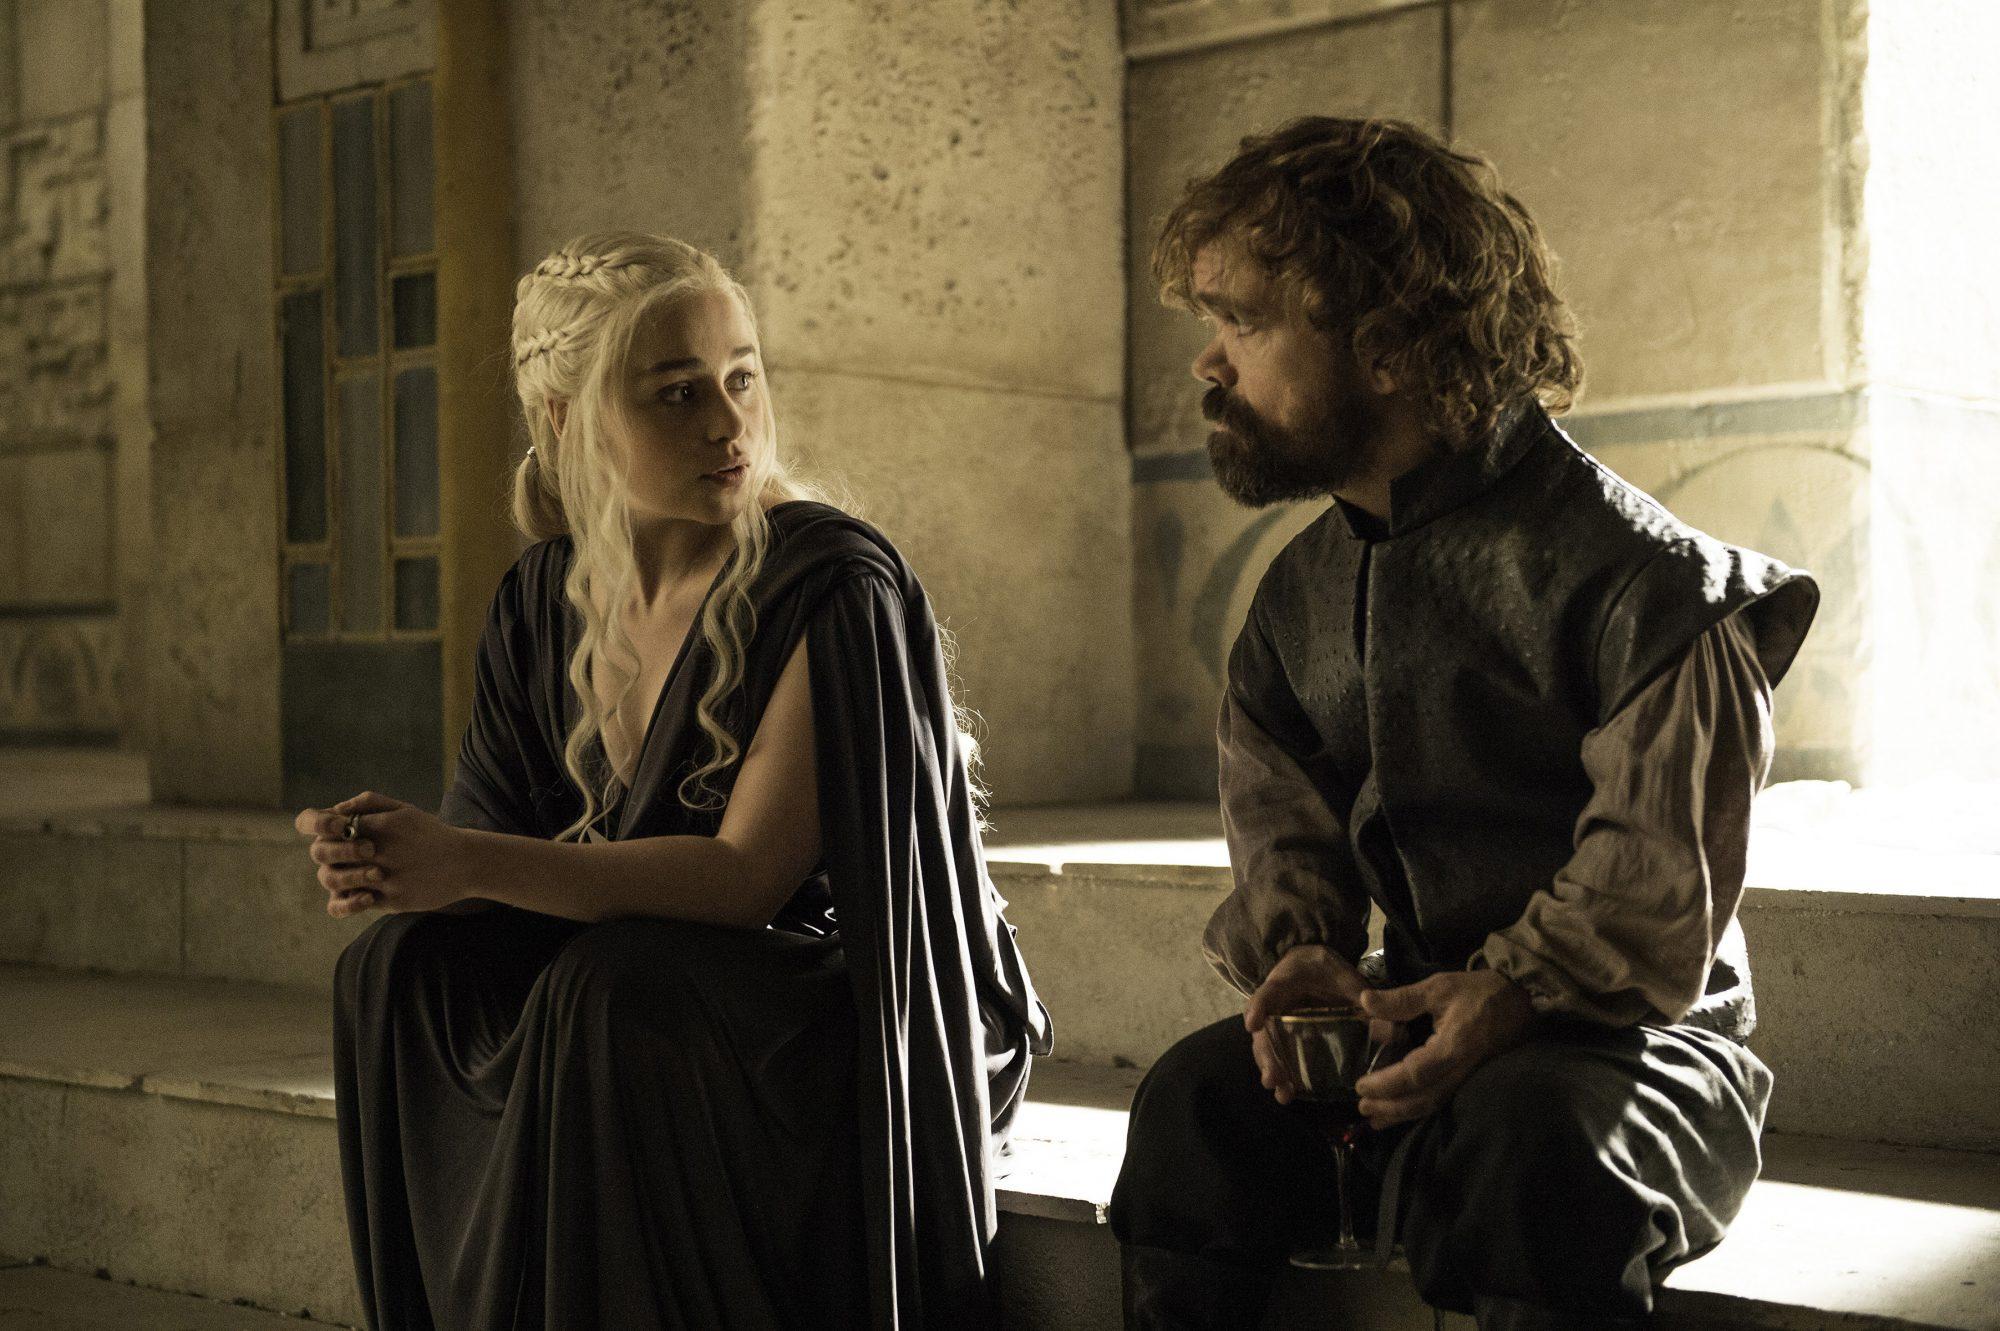 Tyrion Lannister Daenerys Targaryen in HBO's Game of Thrones.